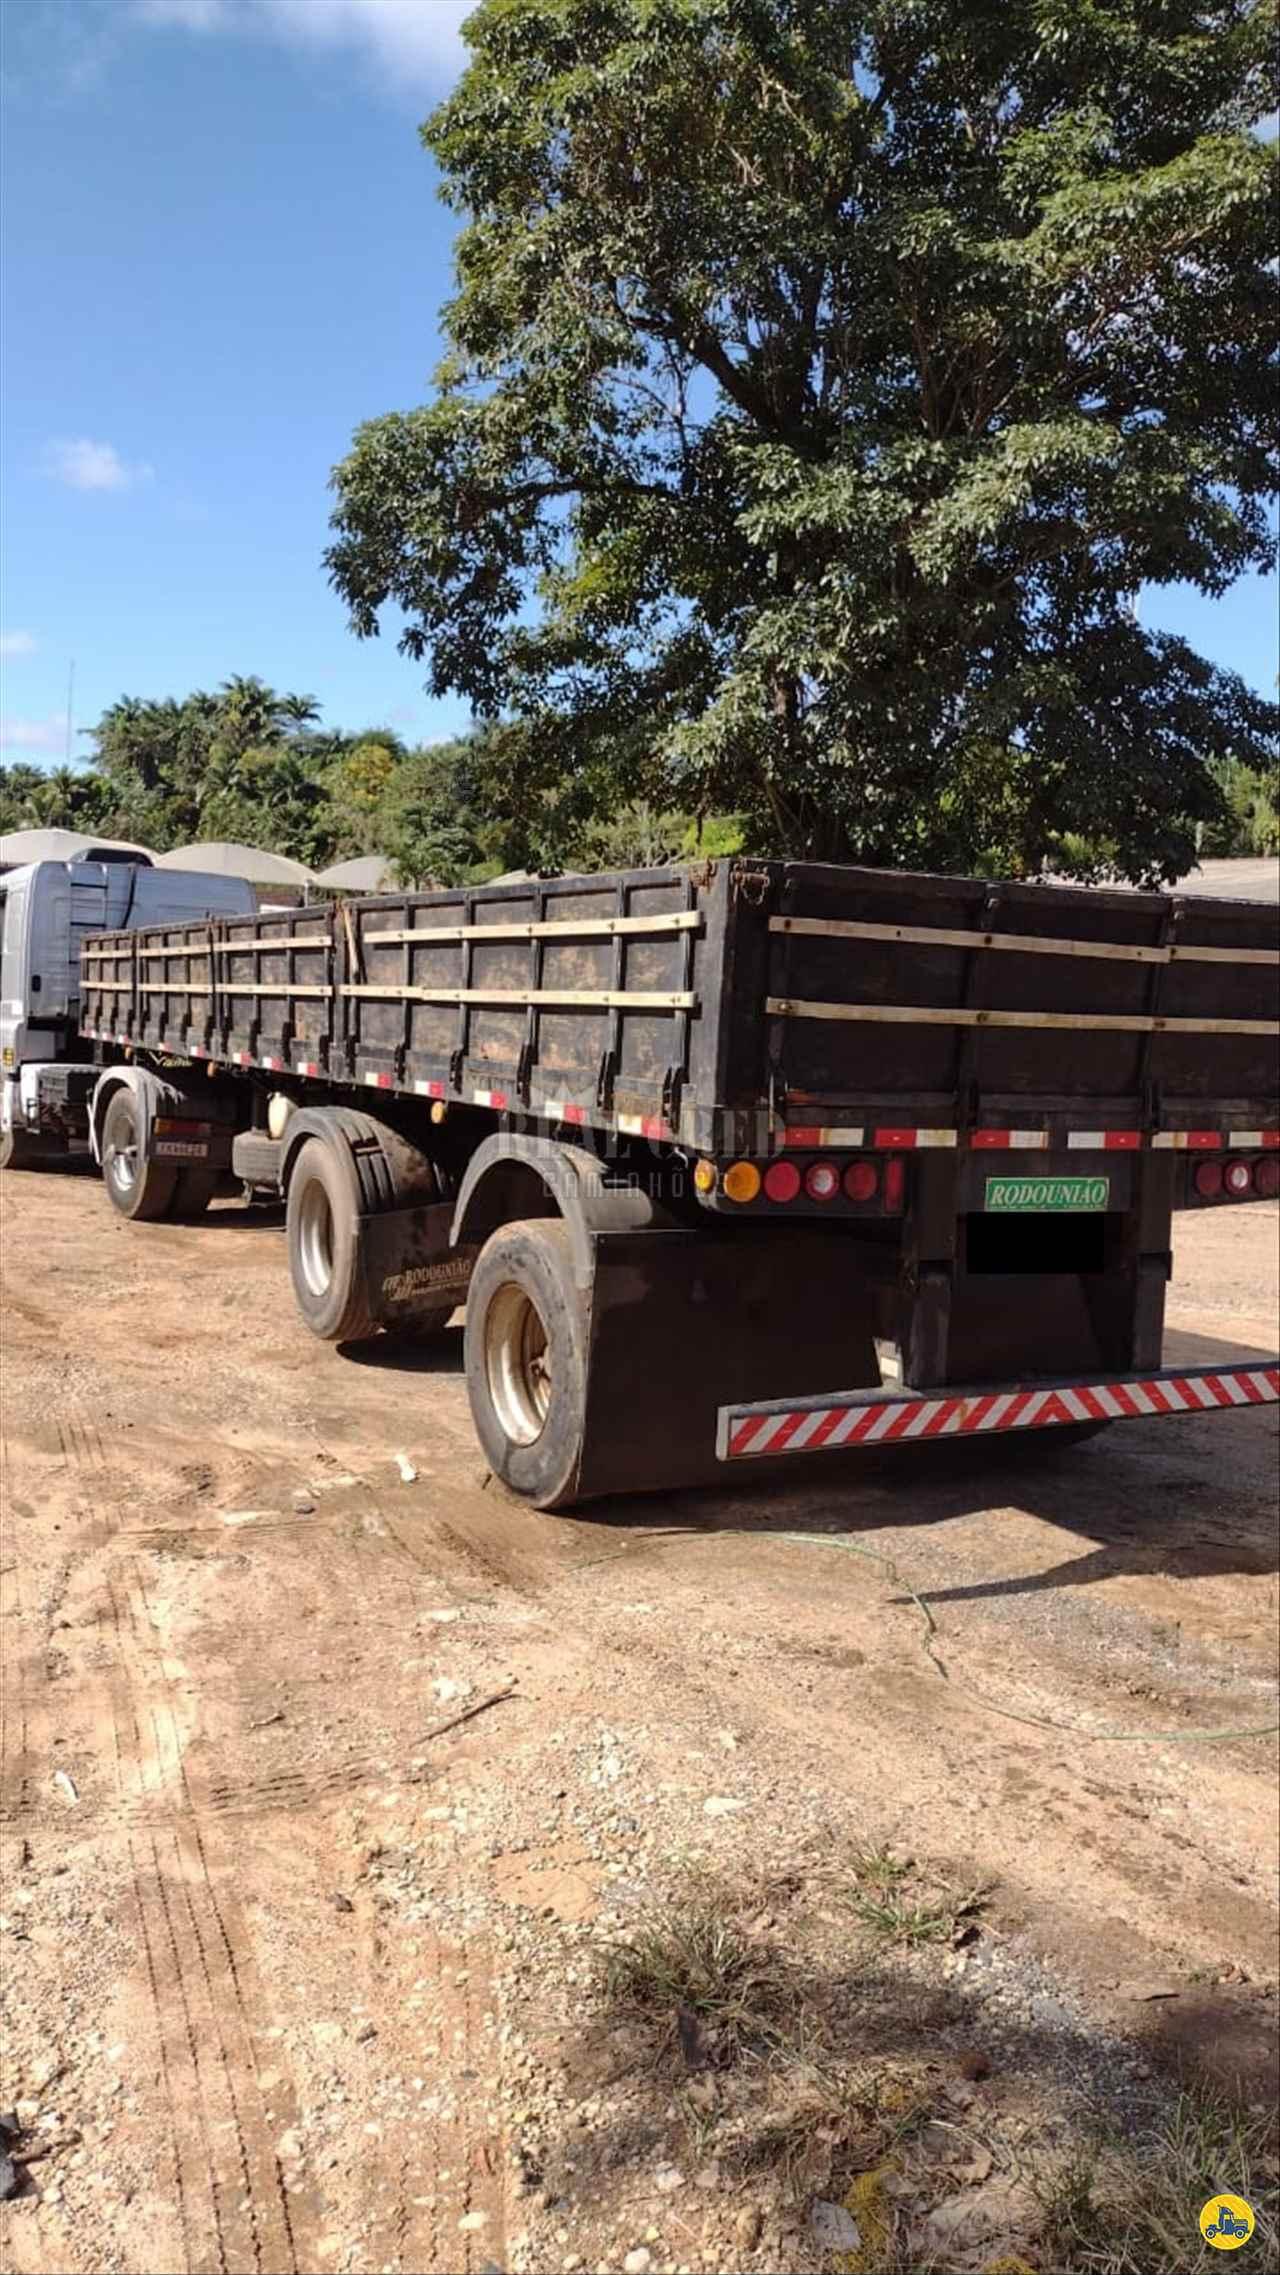 CARRETA SEMI-REBOQUE CARGA SECA Real Cred Caminhões PIEDADE SÃO PAULO SP